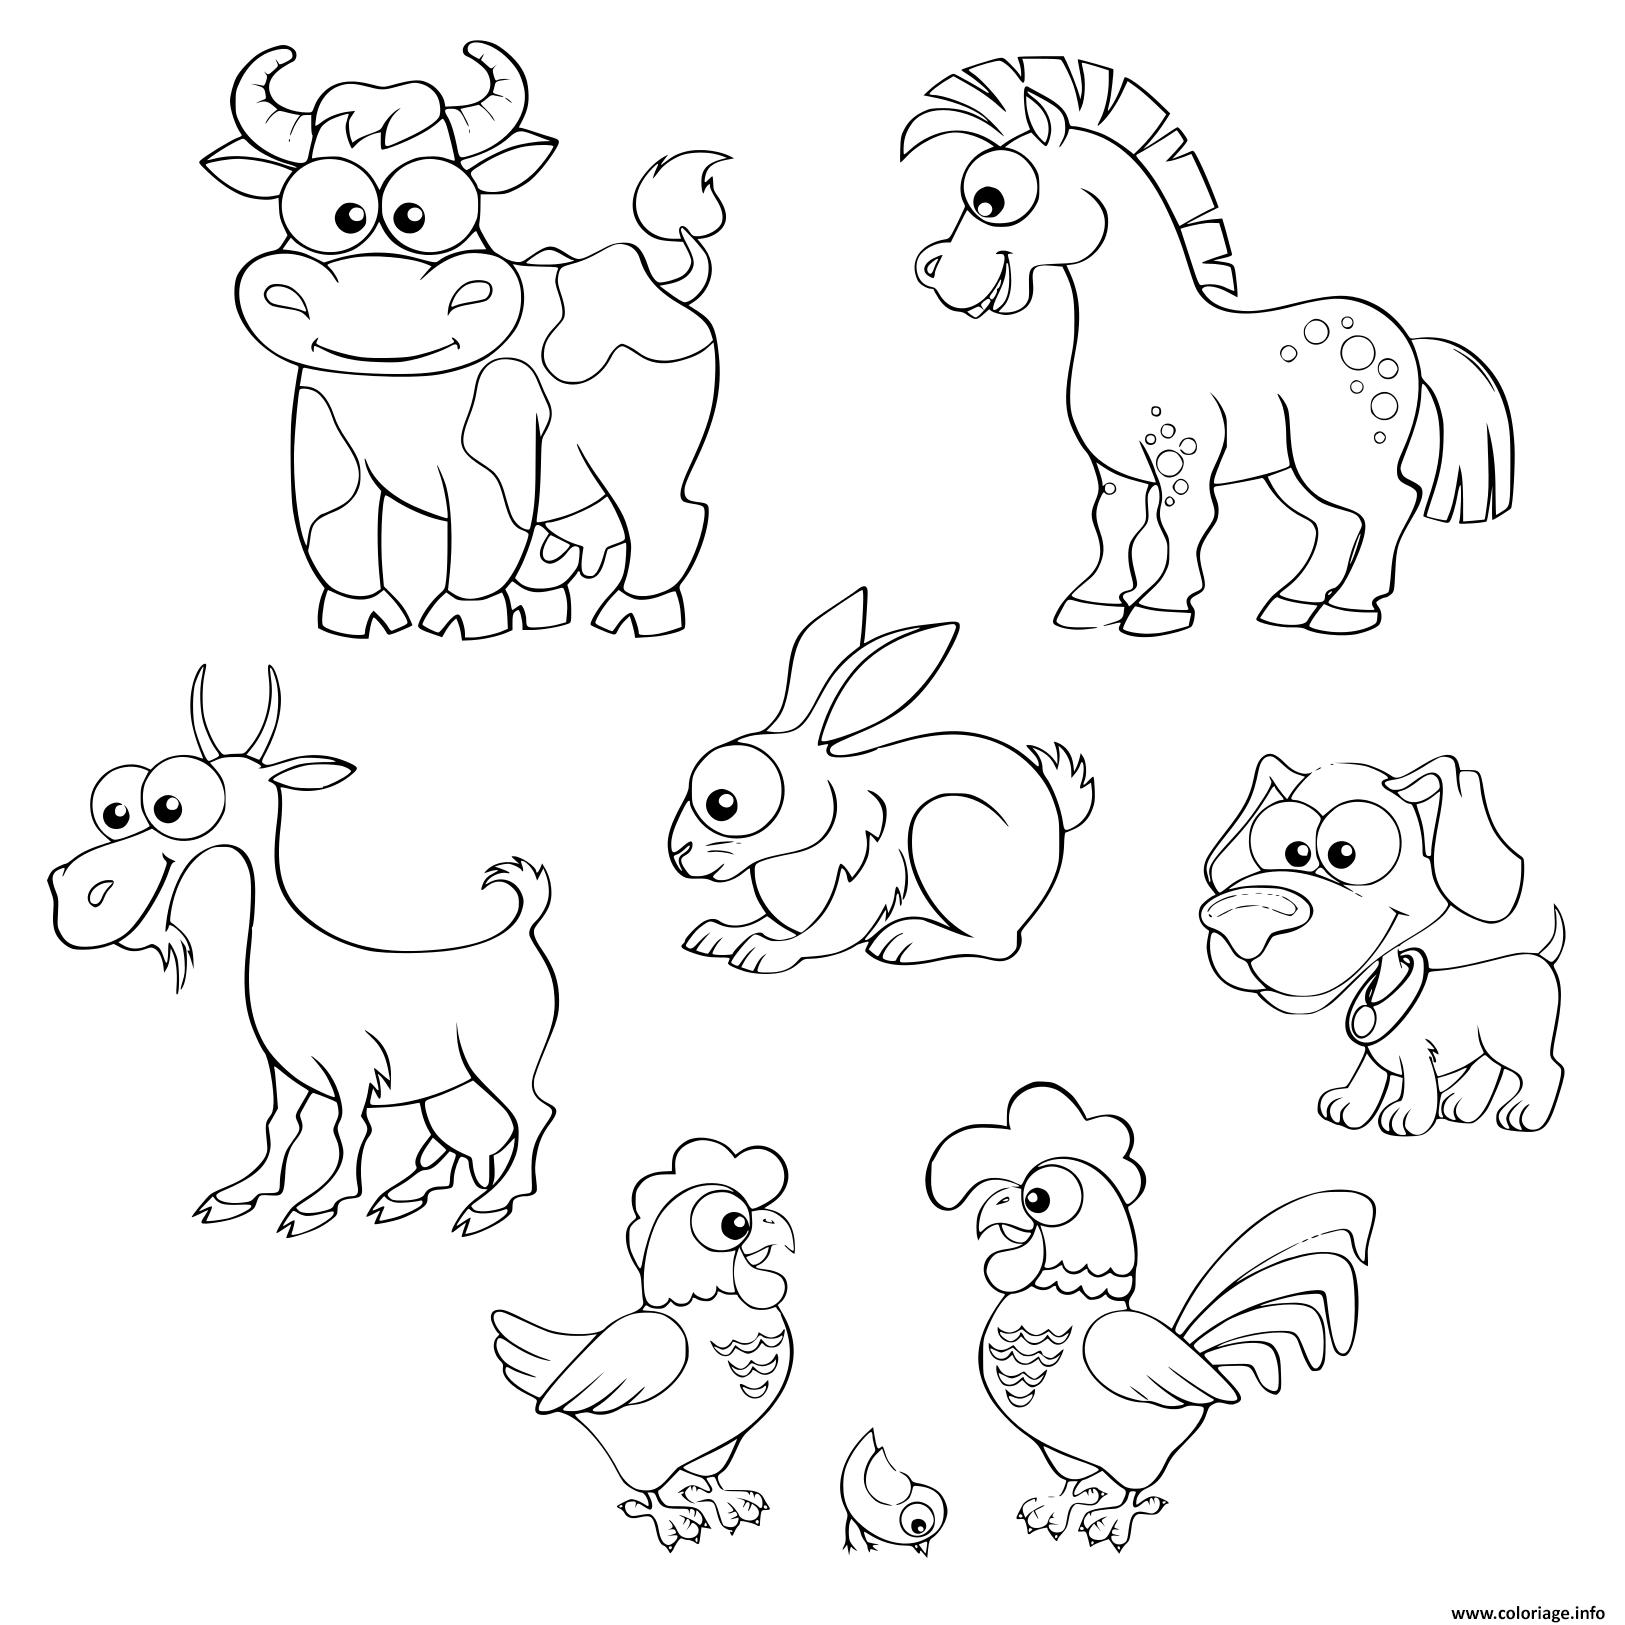 Coloriage Cartoon Ferme Animaux Cheval Vache Chevre Lapin encequiconcerne Dessin Animaux De La Ferme À Imprimer